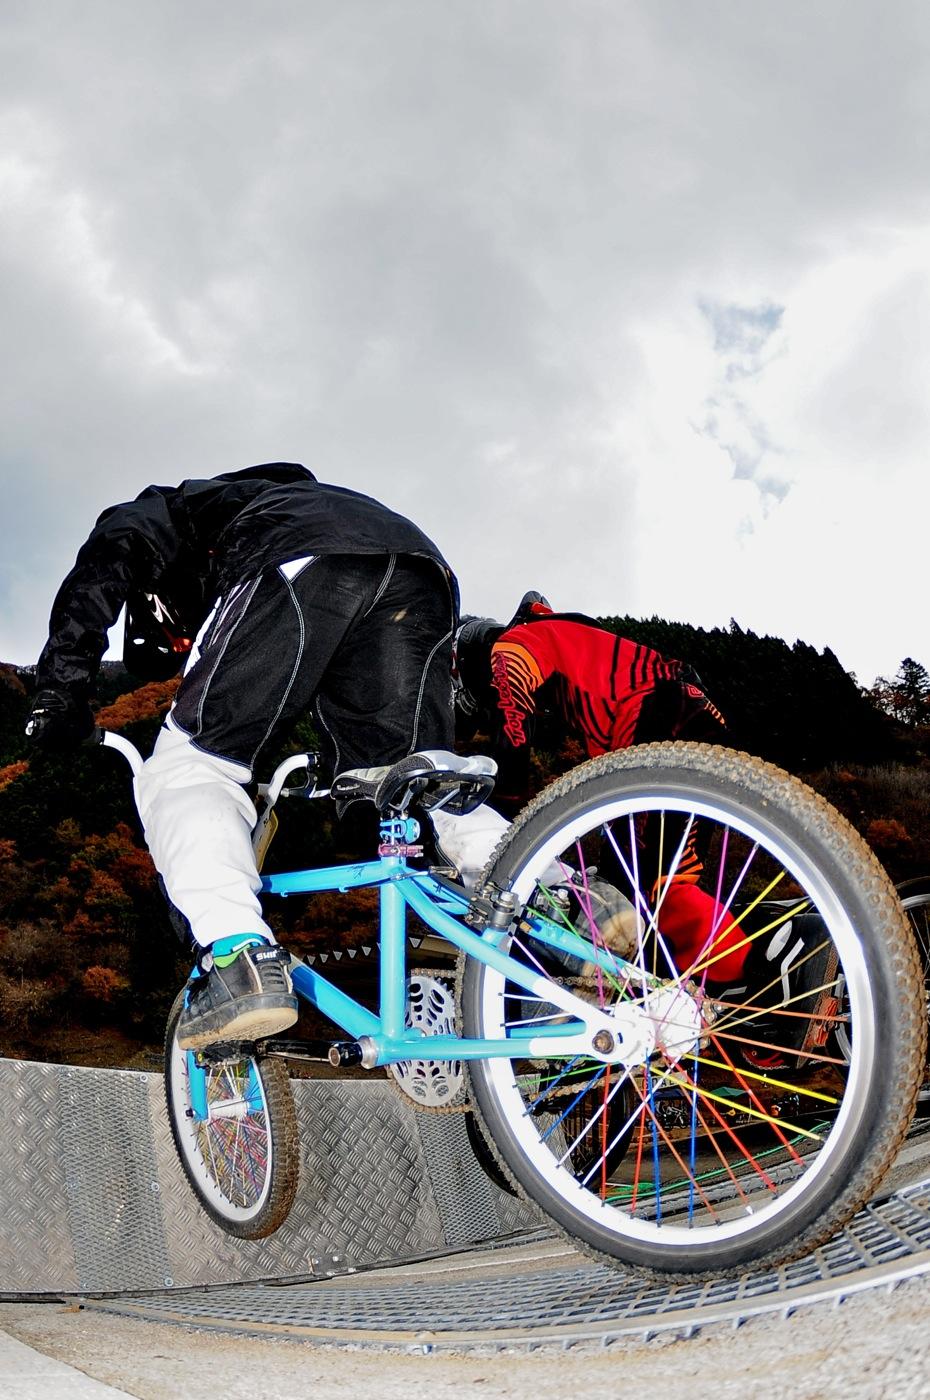 スタートマニア2009:秩父滝沢サイクルパークBMXトラック_b0065730_16291120.jpg